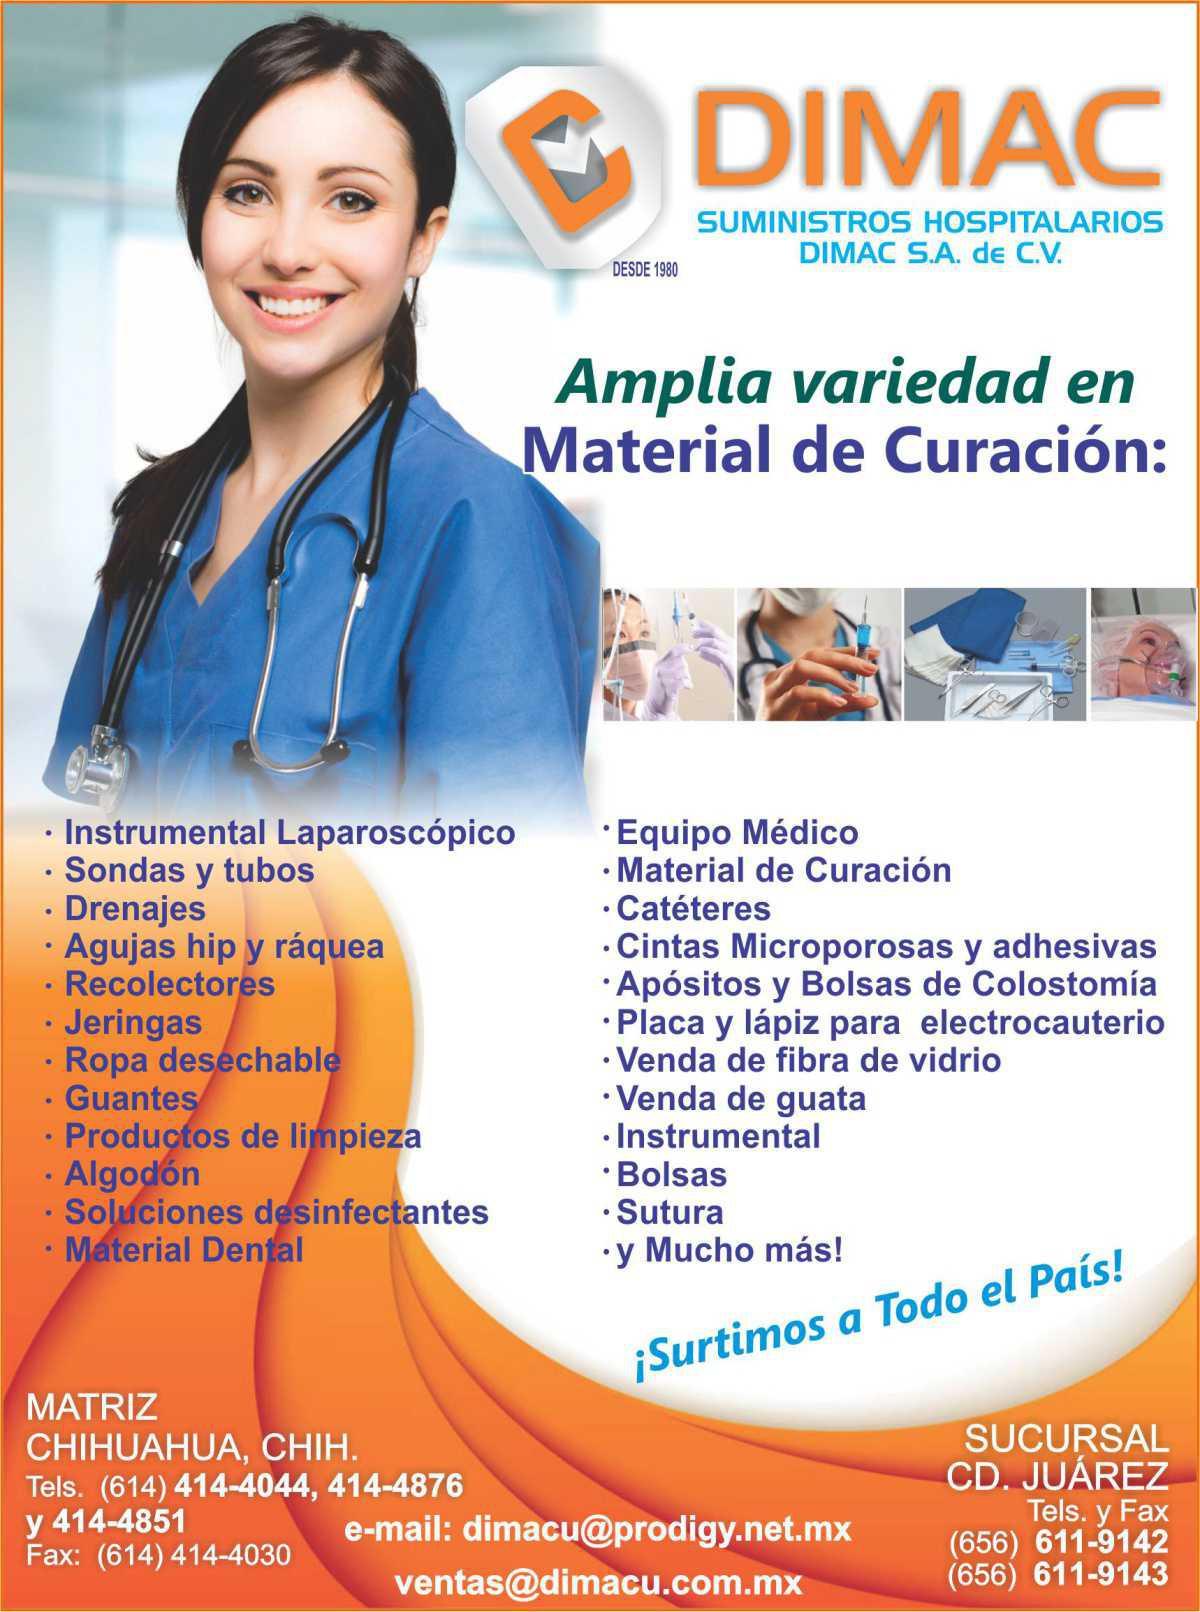 DIMAC Suministros Hospitalarios Dimac, S.A. de C.V.